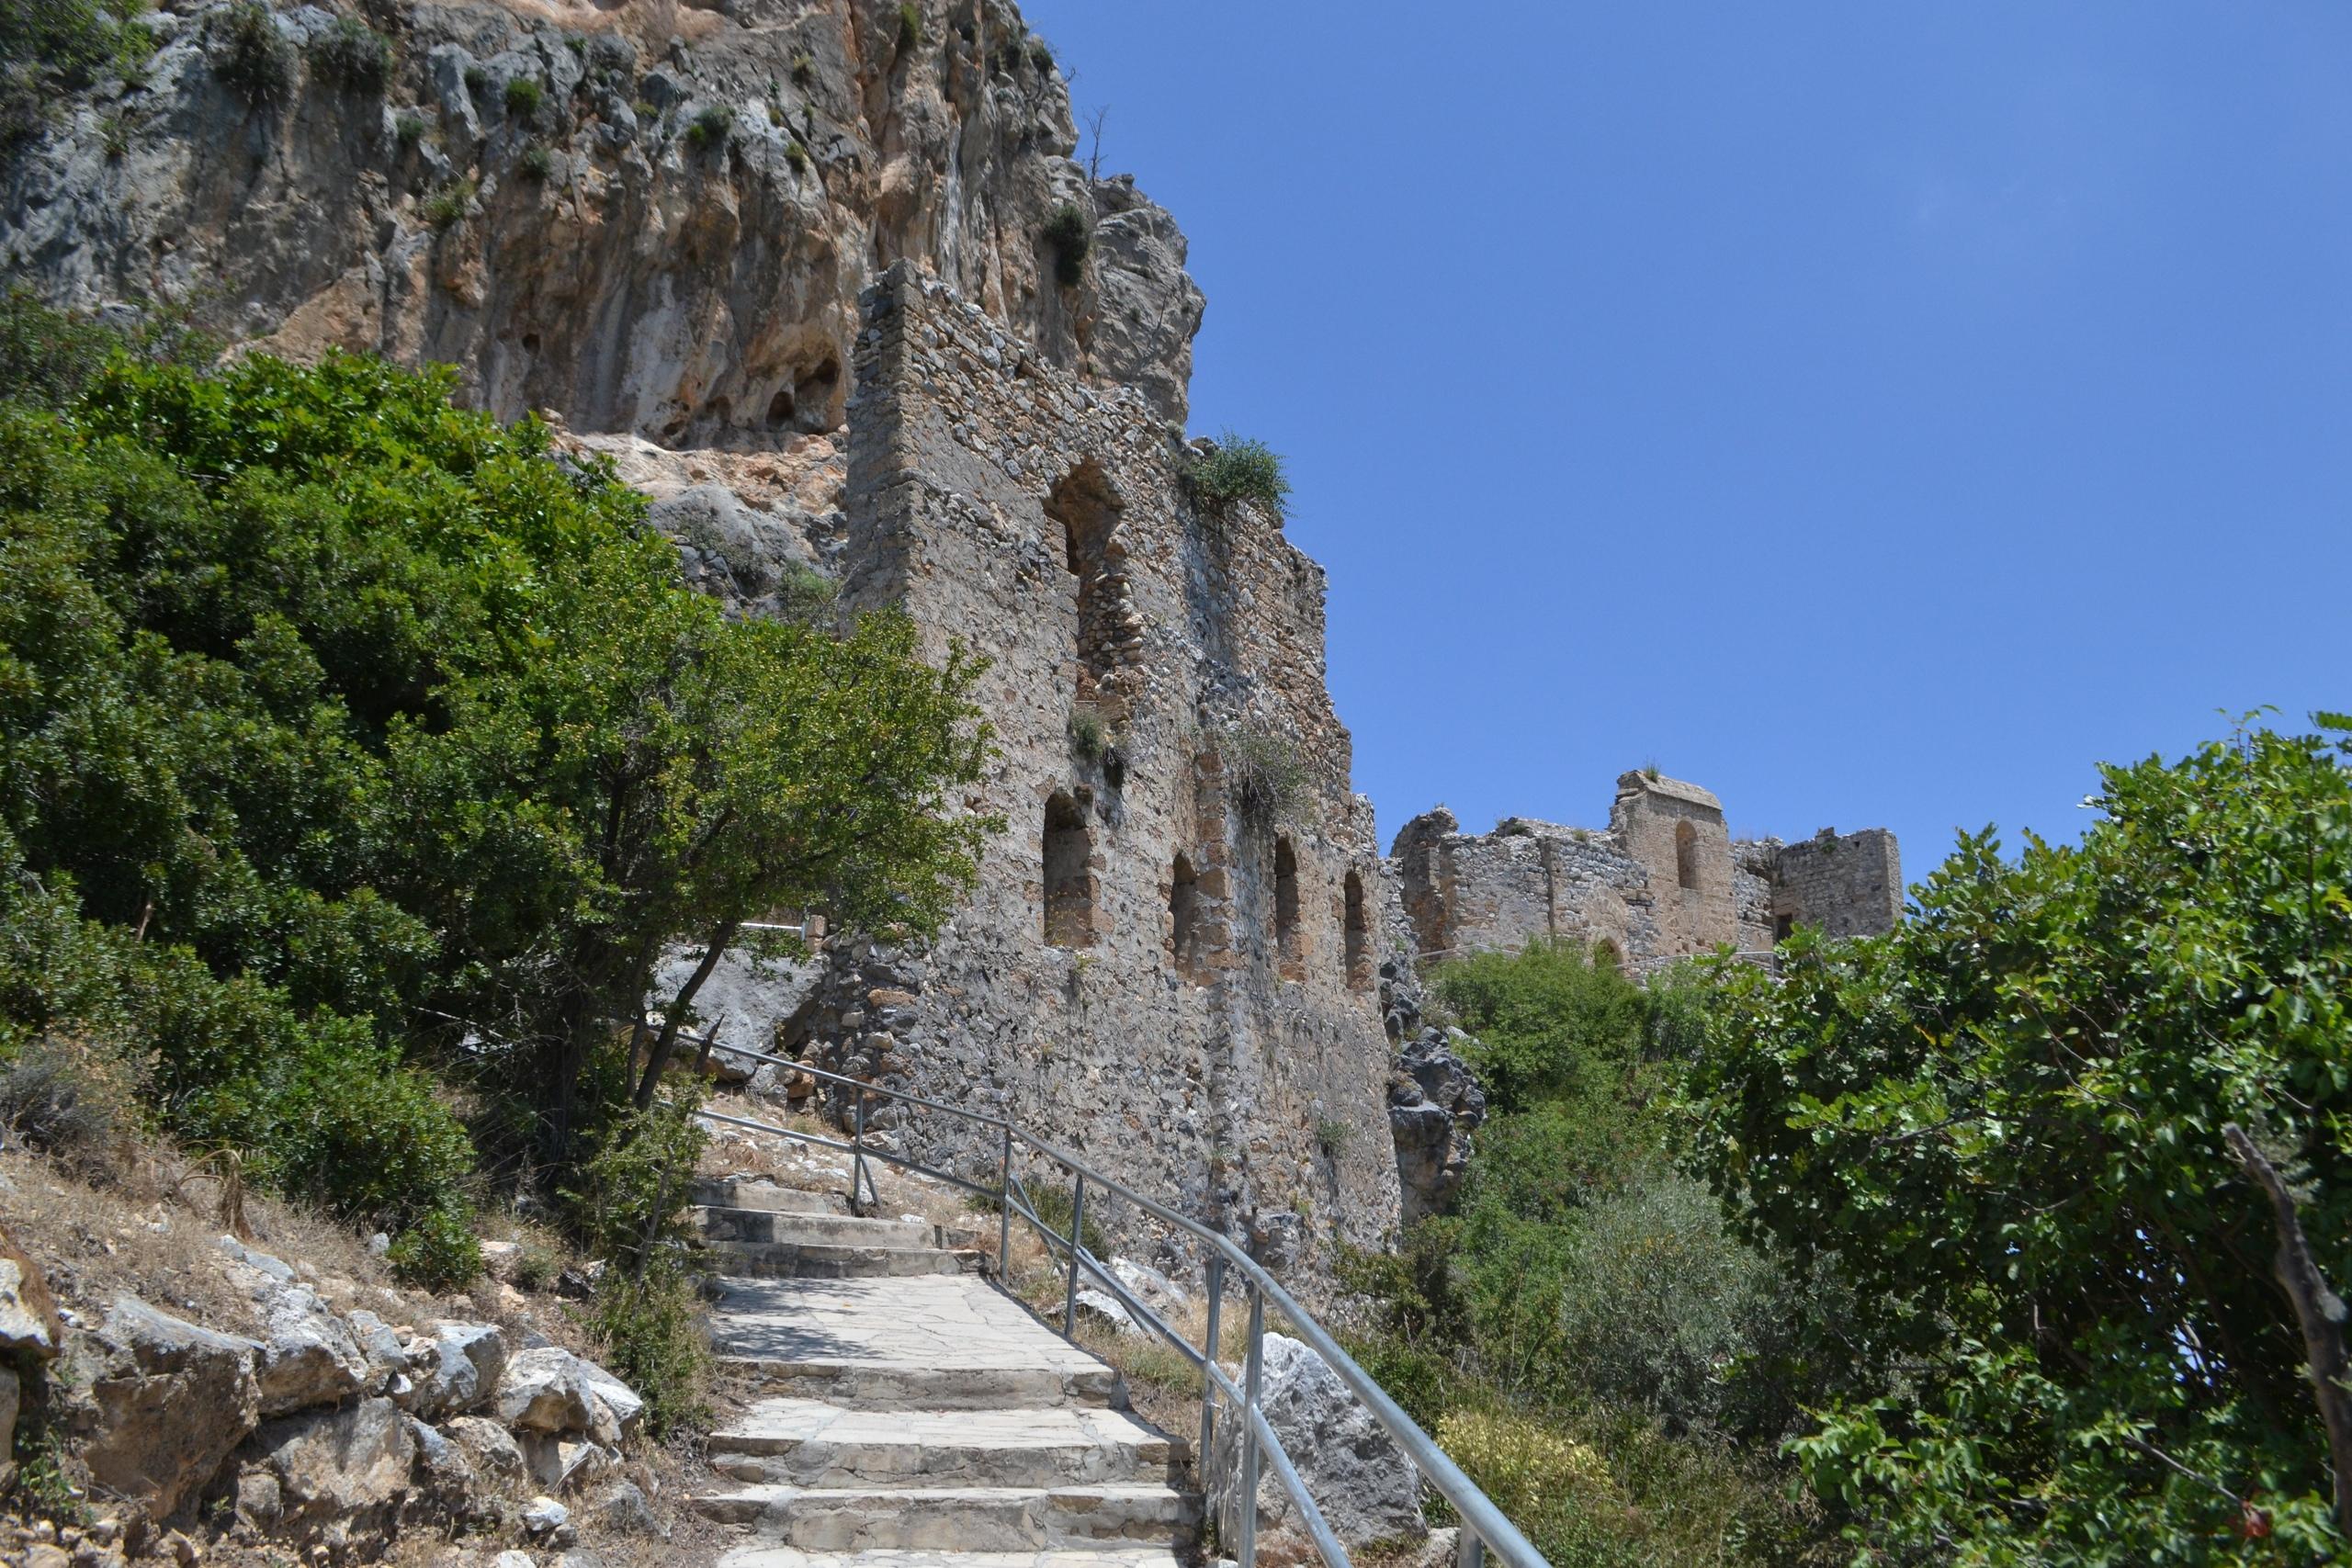 Северный Кипр. Замок Святого Иллариона. (фото). AtlrDFjewN8